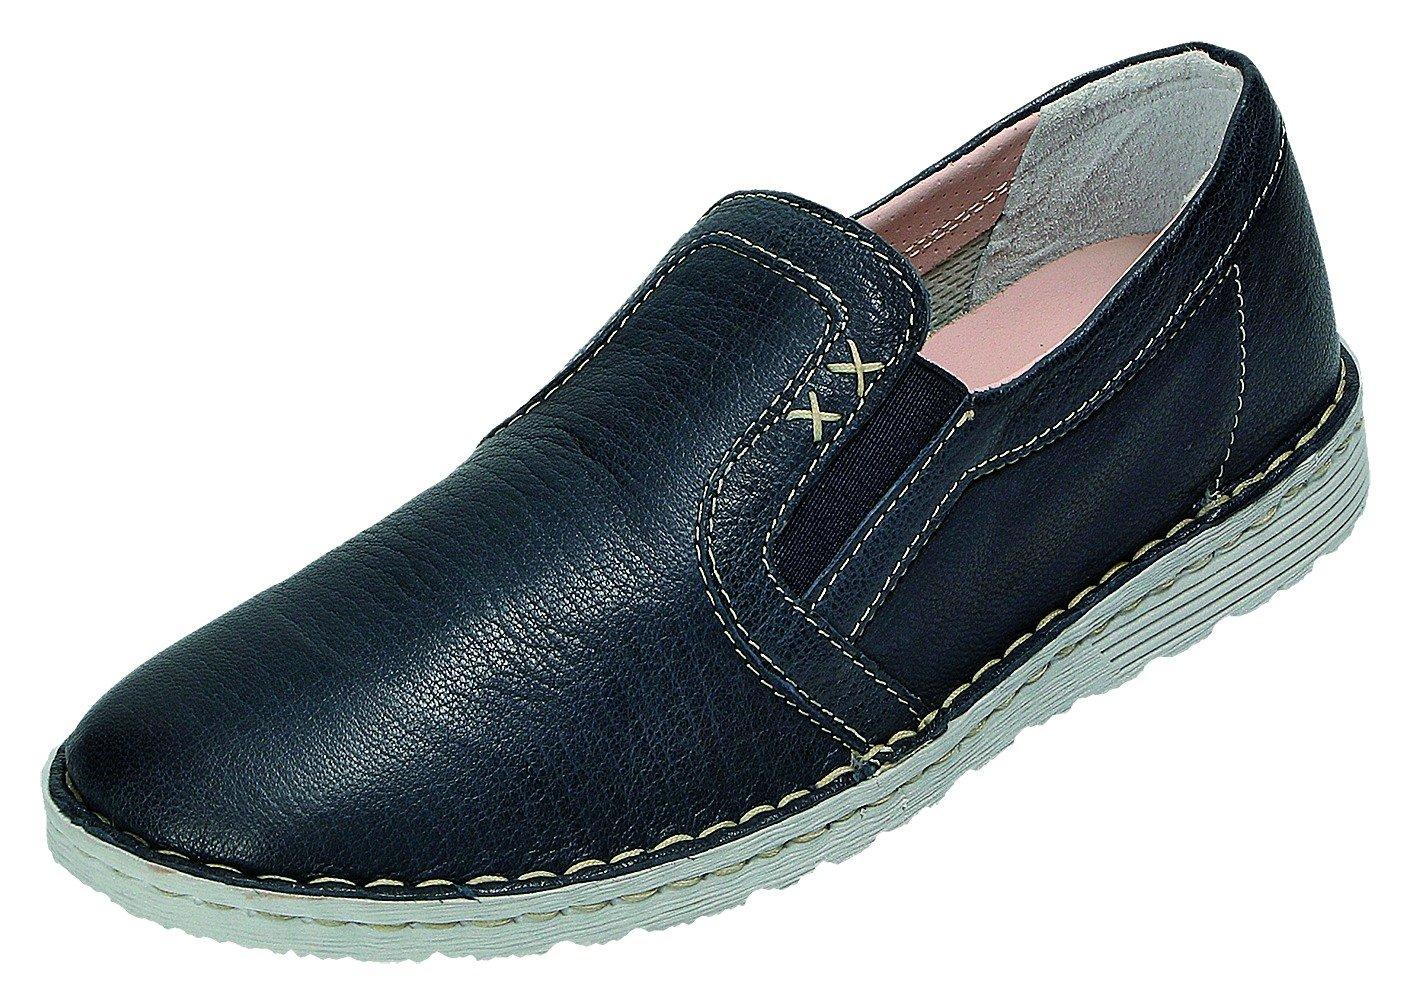 Relax Shoe Relaxshoe Zapatos de Cordones Para Mujer Azul Azul 37 EU|196-119 blu Nappa Natur